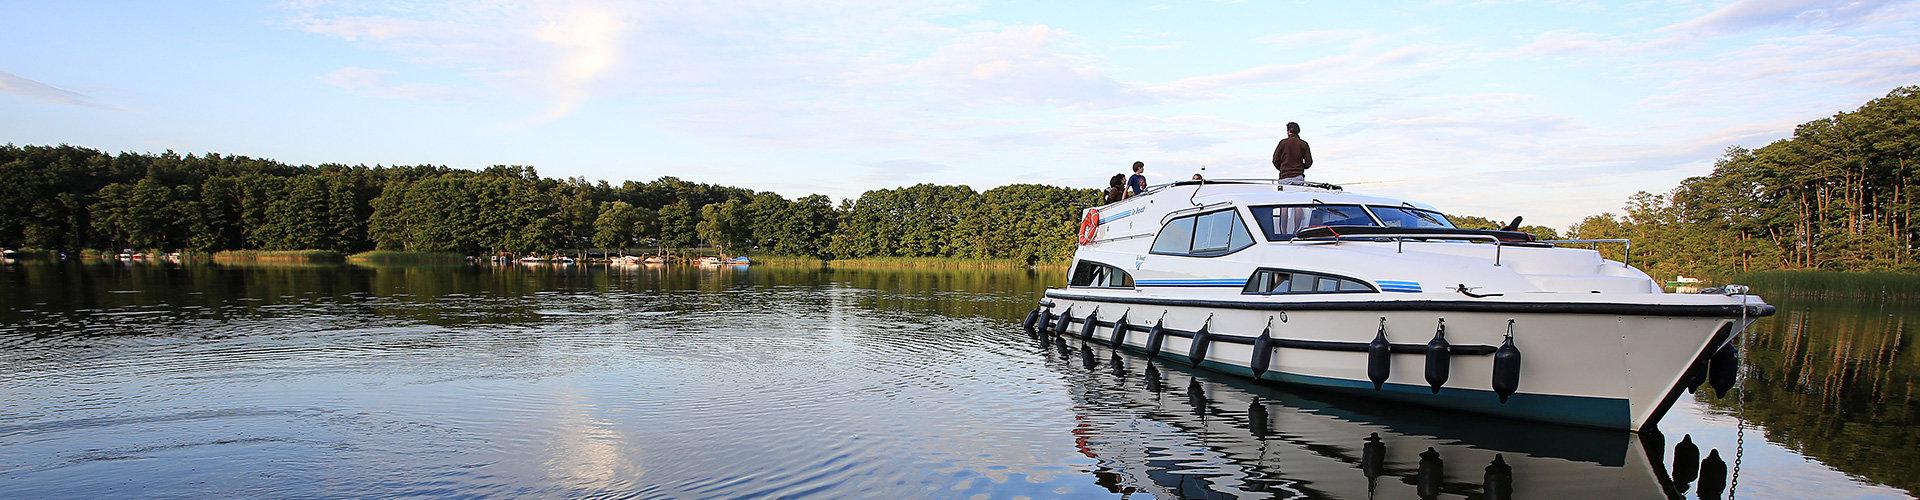 Le Boat barche